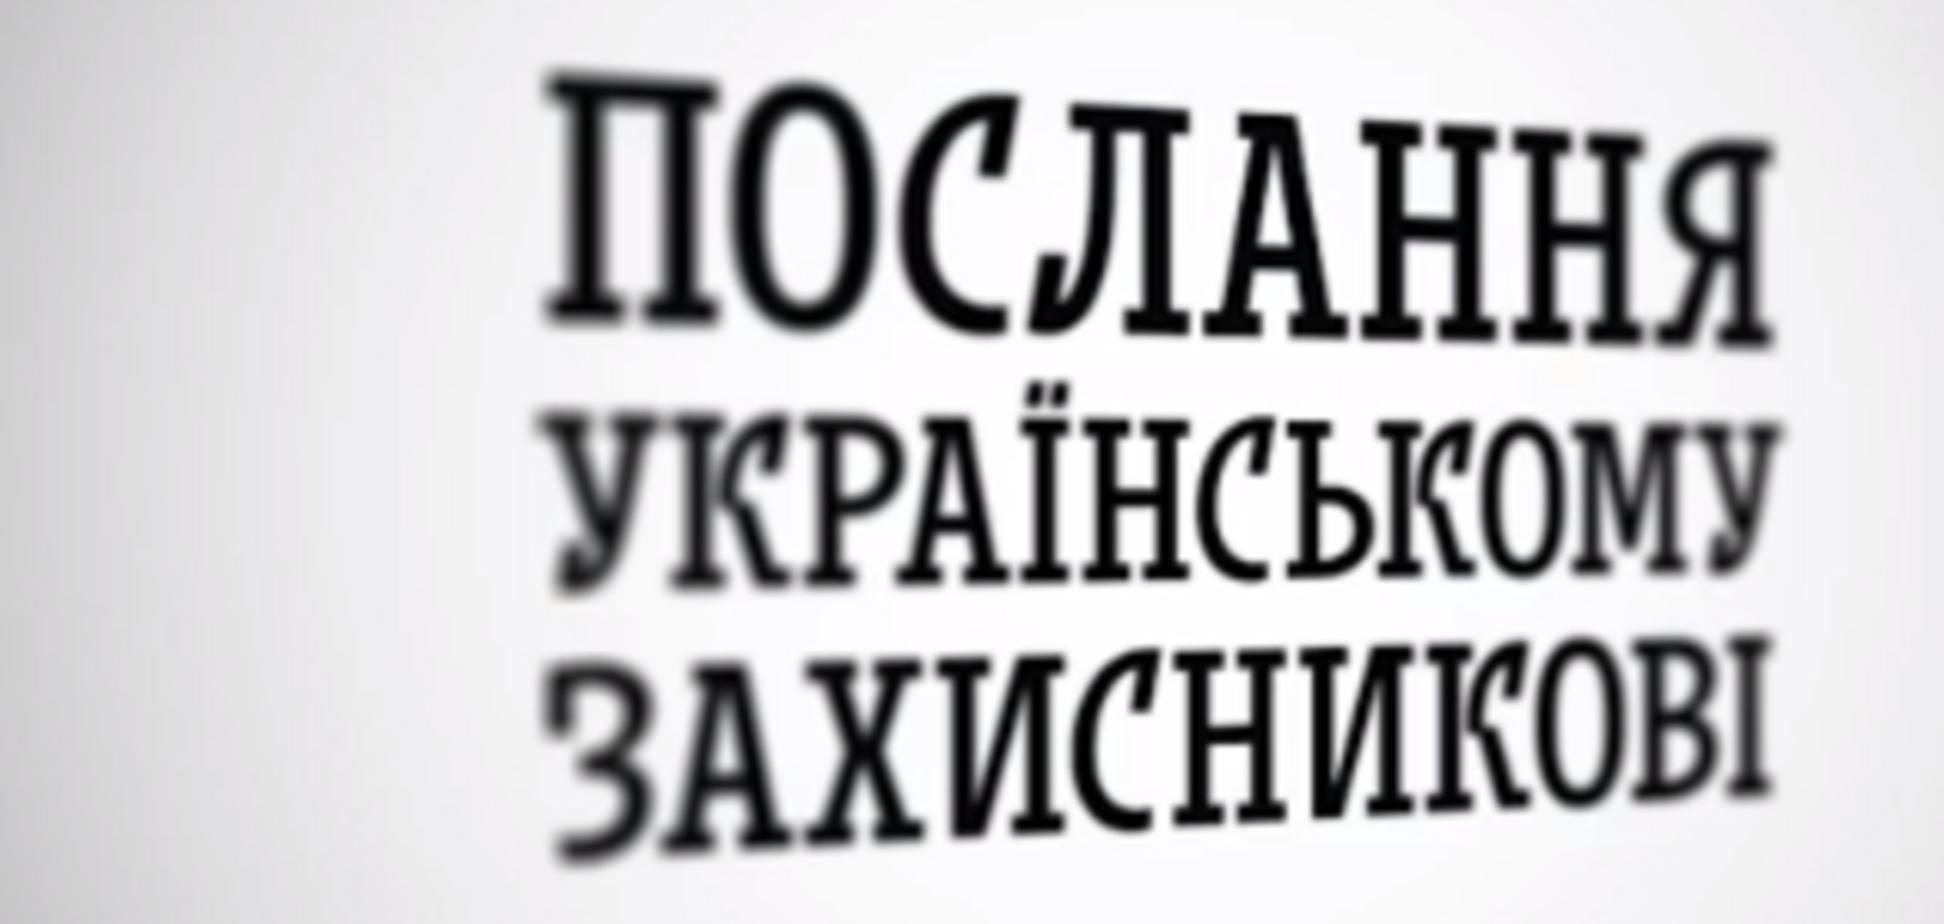 Послание украинскому защитнику: в сети опубликовали трогательный ролик